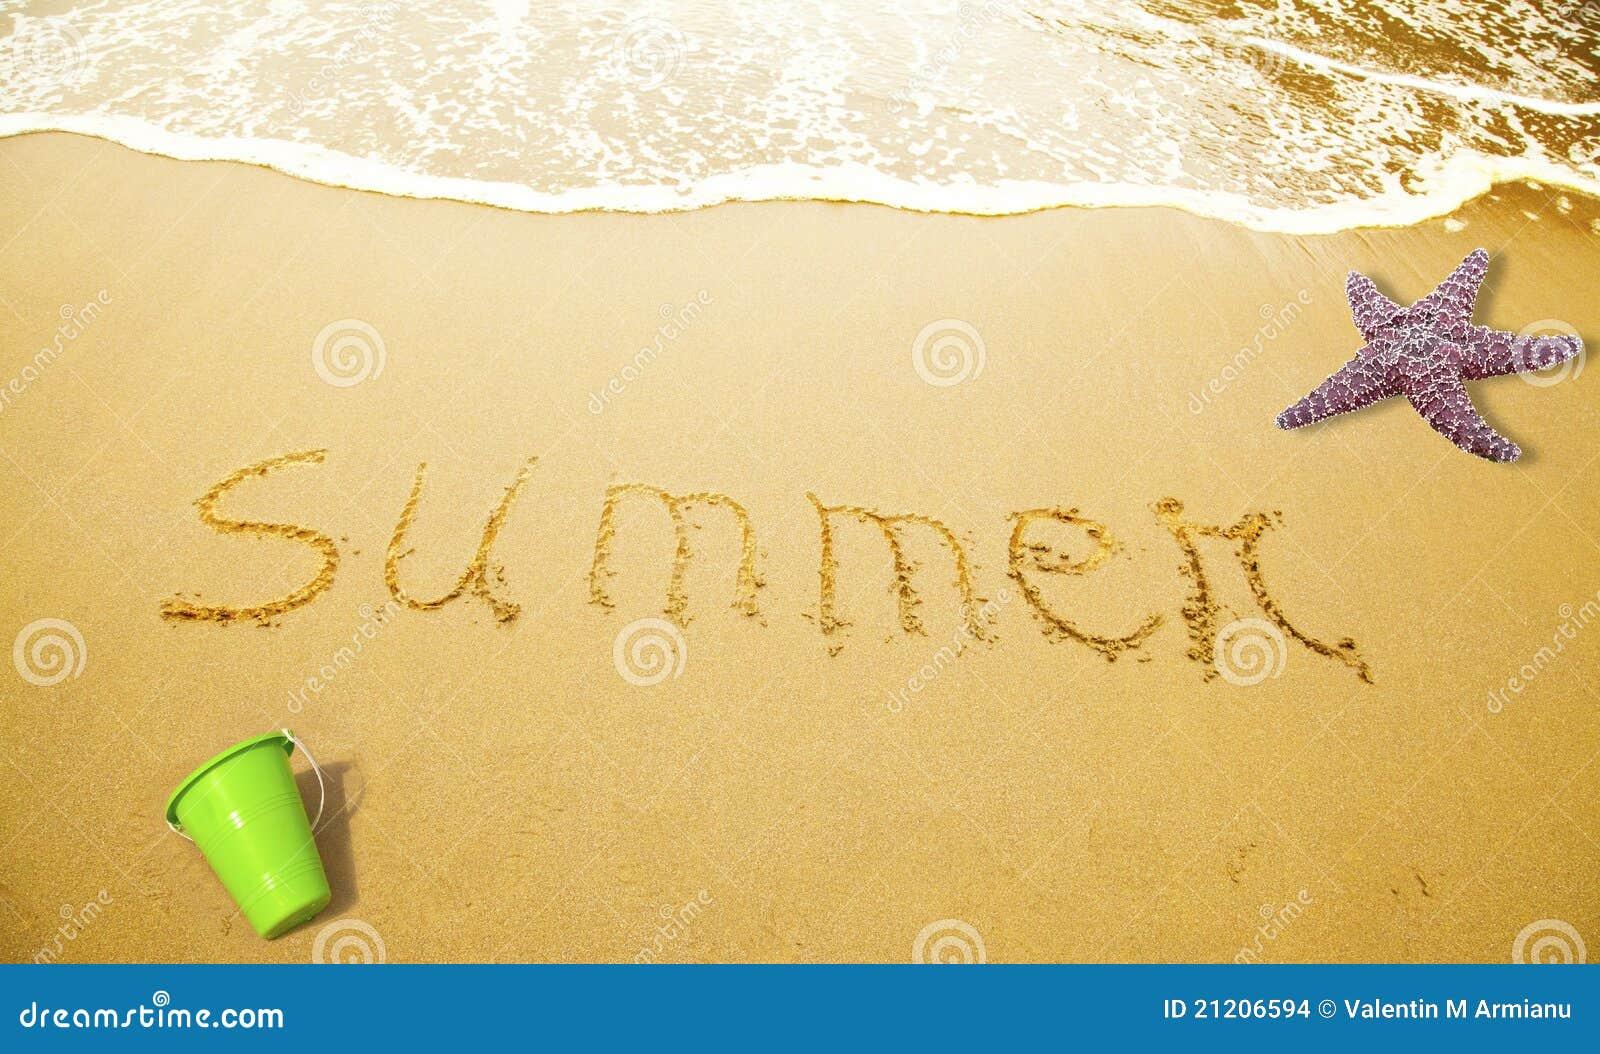 Verano escrito en arena